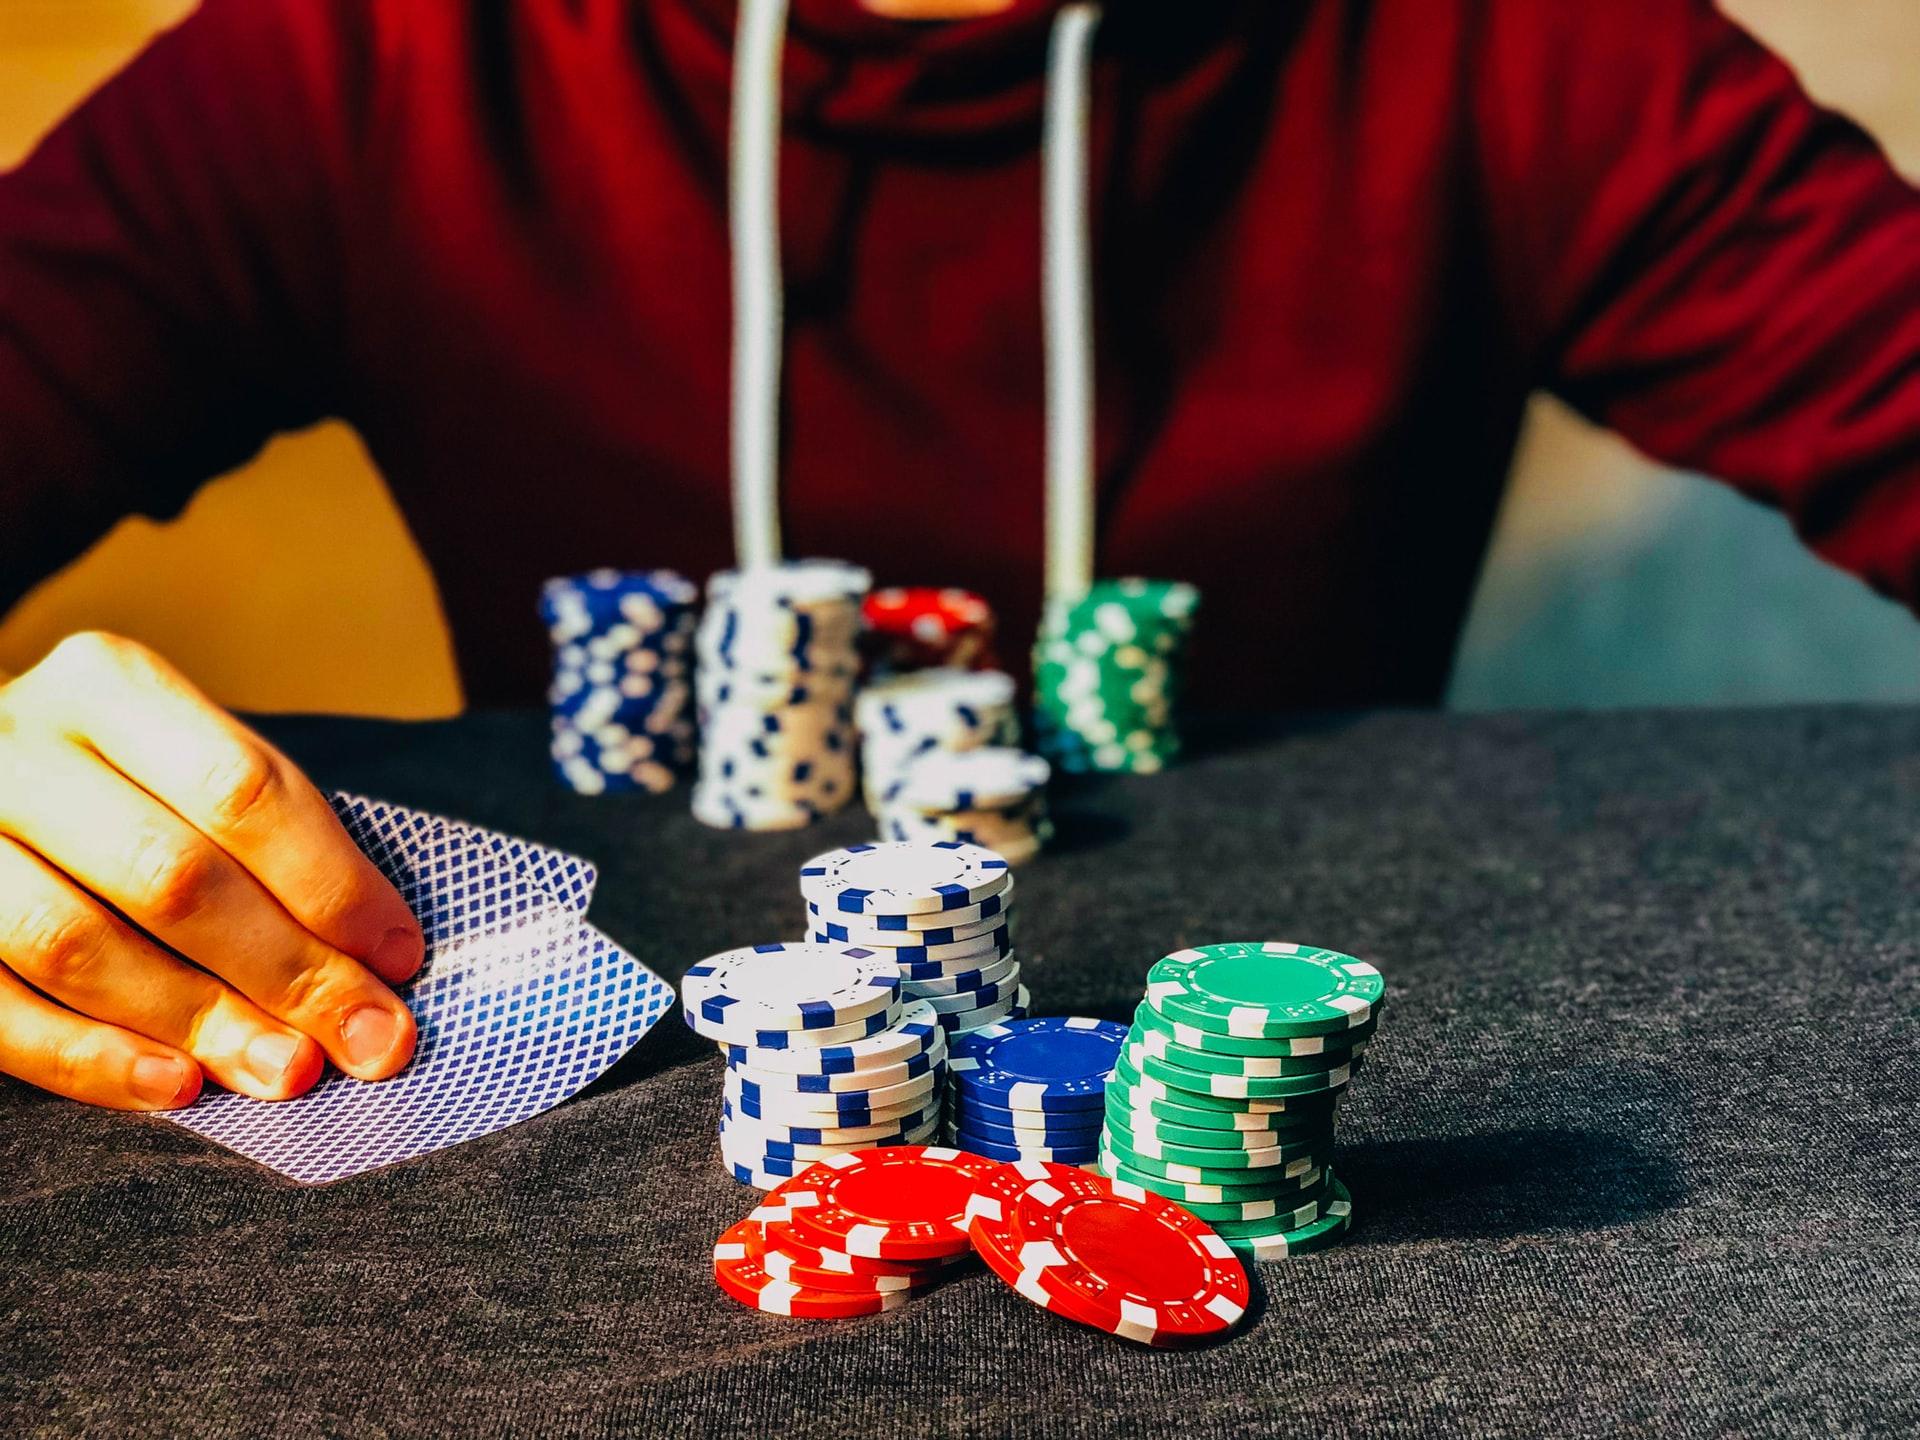 カジノの目的地